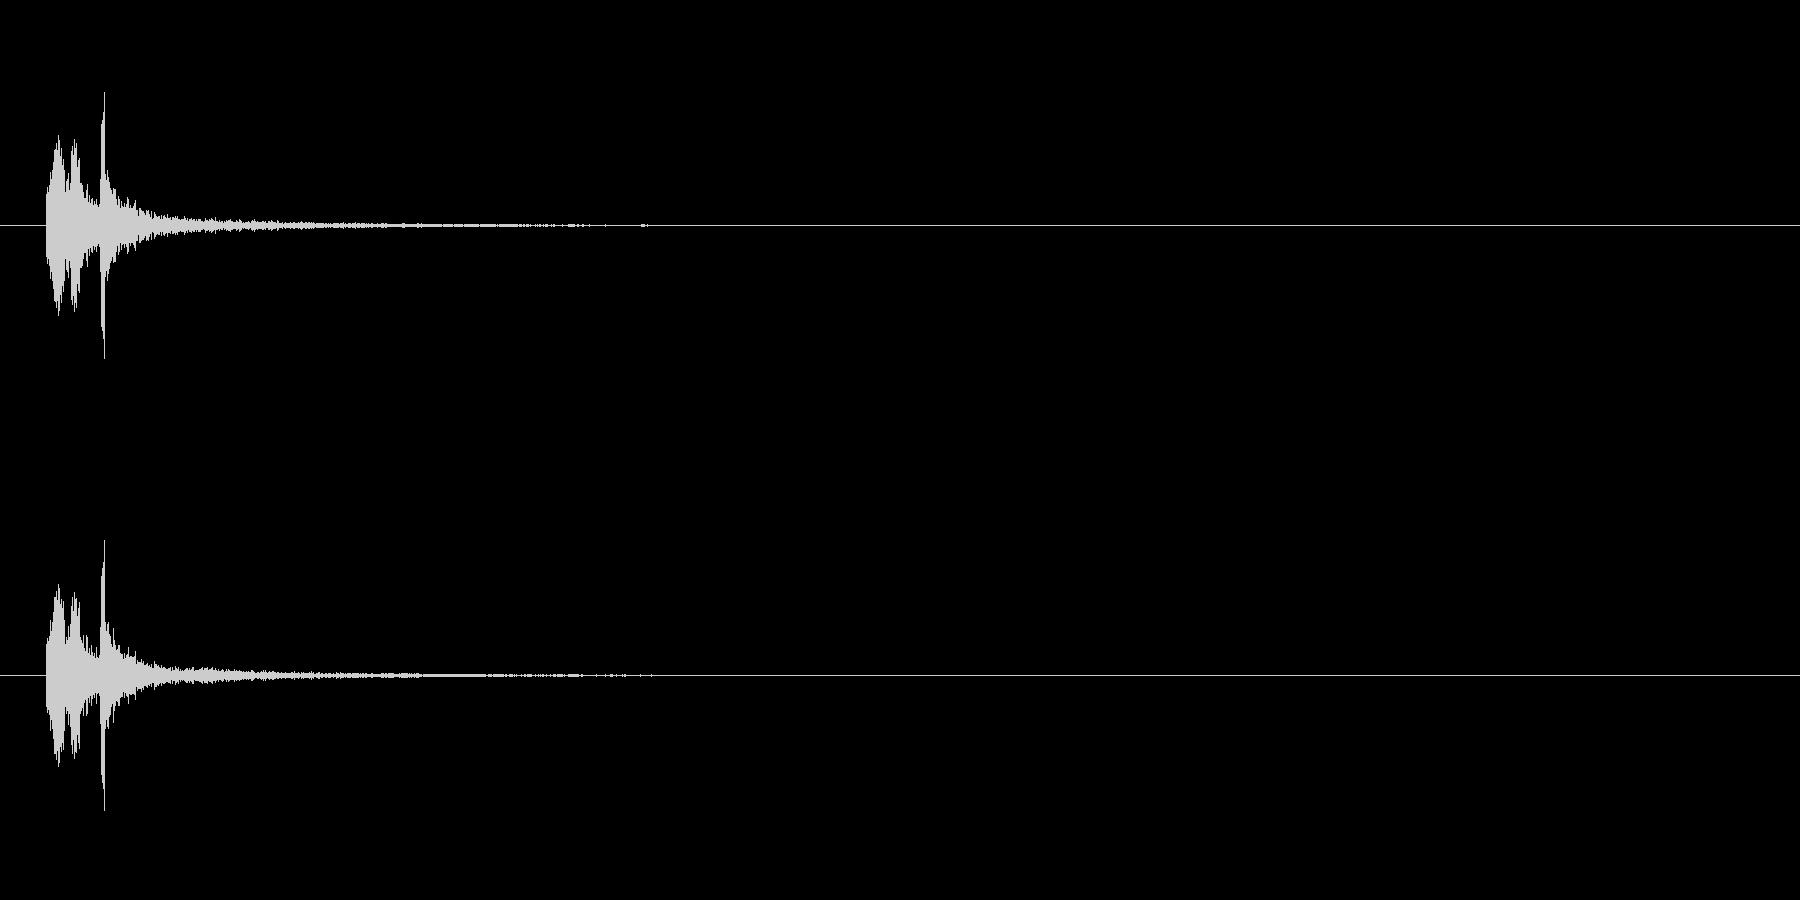 【掴む01-3】の未再生の波形